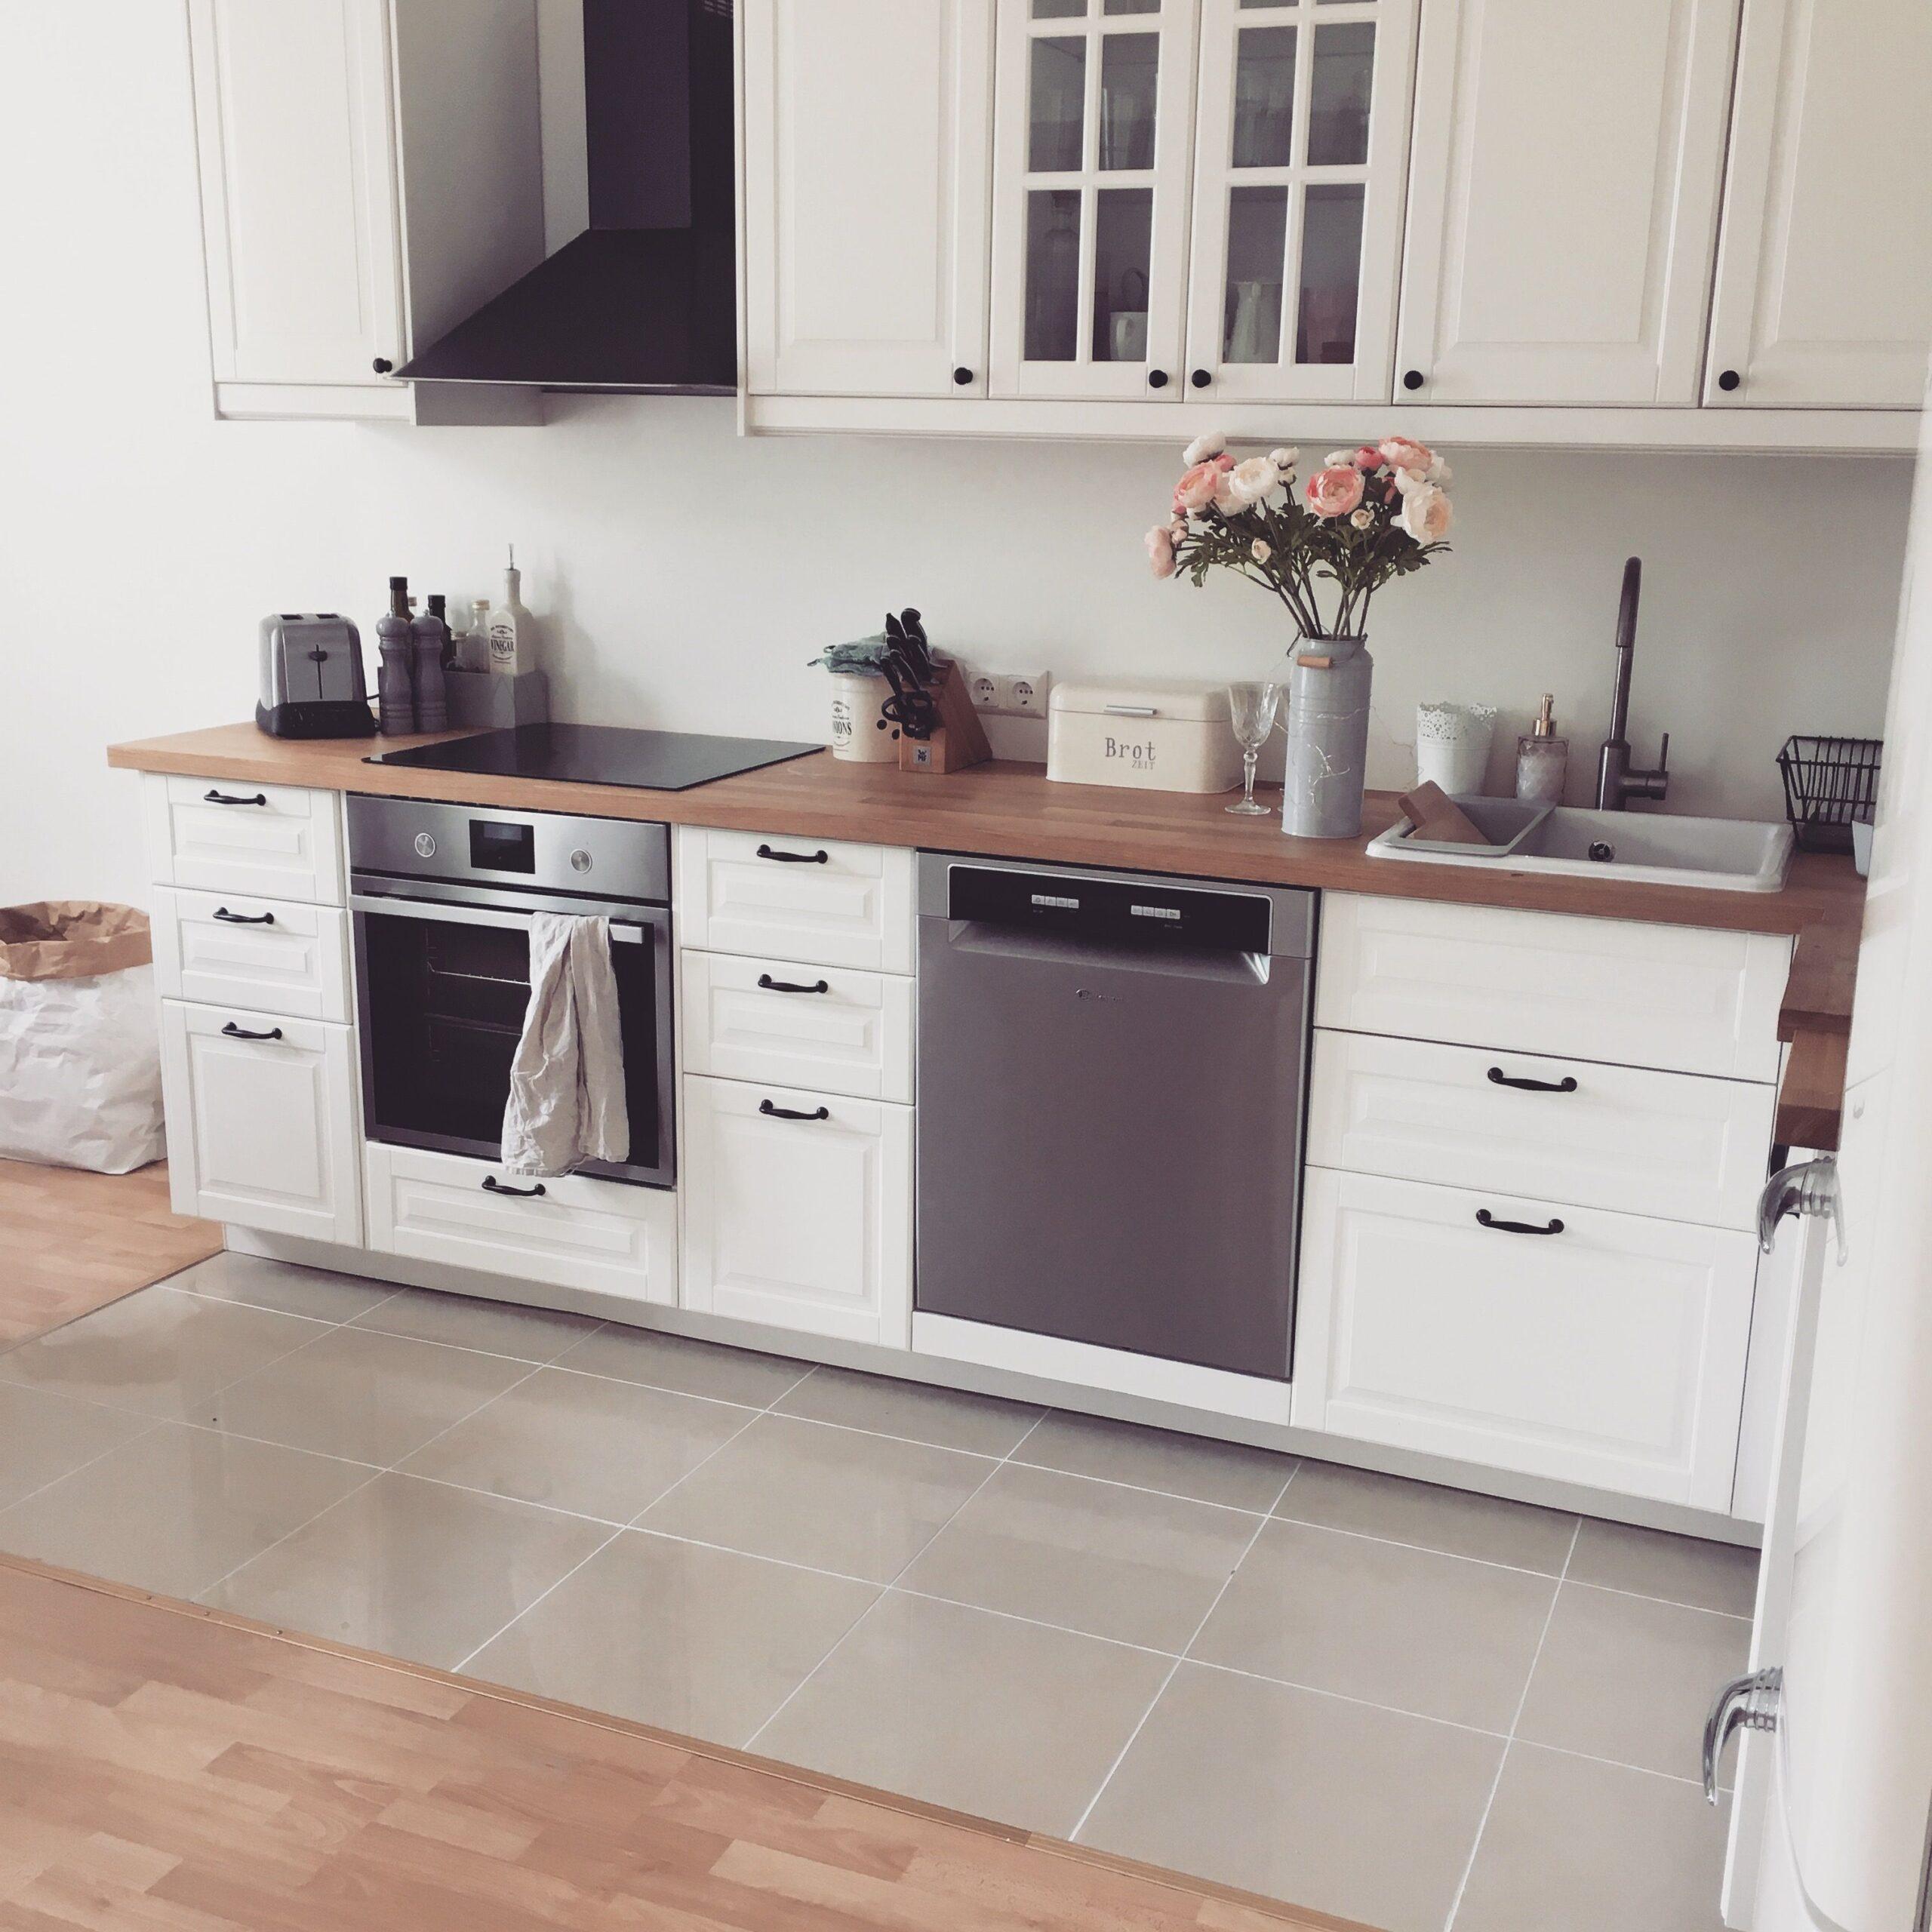 Full Size of Küche Holz Modern Mit Theke Tapete Ikea Miniküche Musterküche Landhaus Schlafzimmer Günstige E Geräten Weiß Bett 180x200 Led Panel Wohnzimmer Ikea Küche Landhaus Weiß